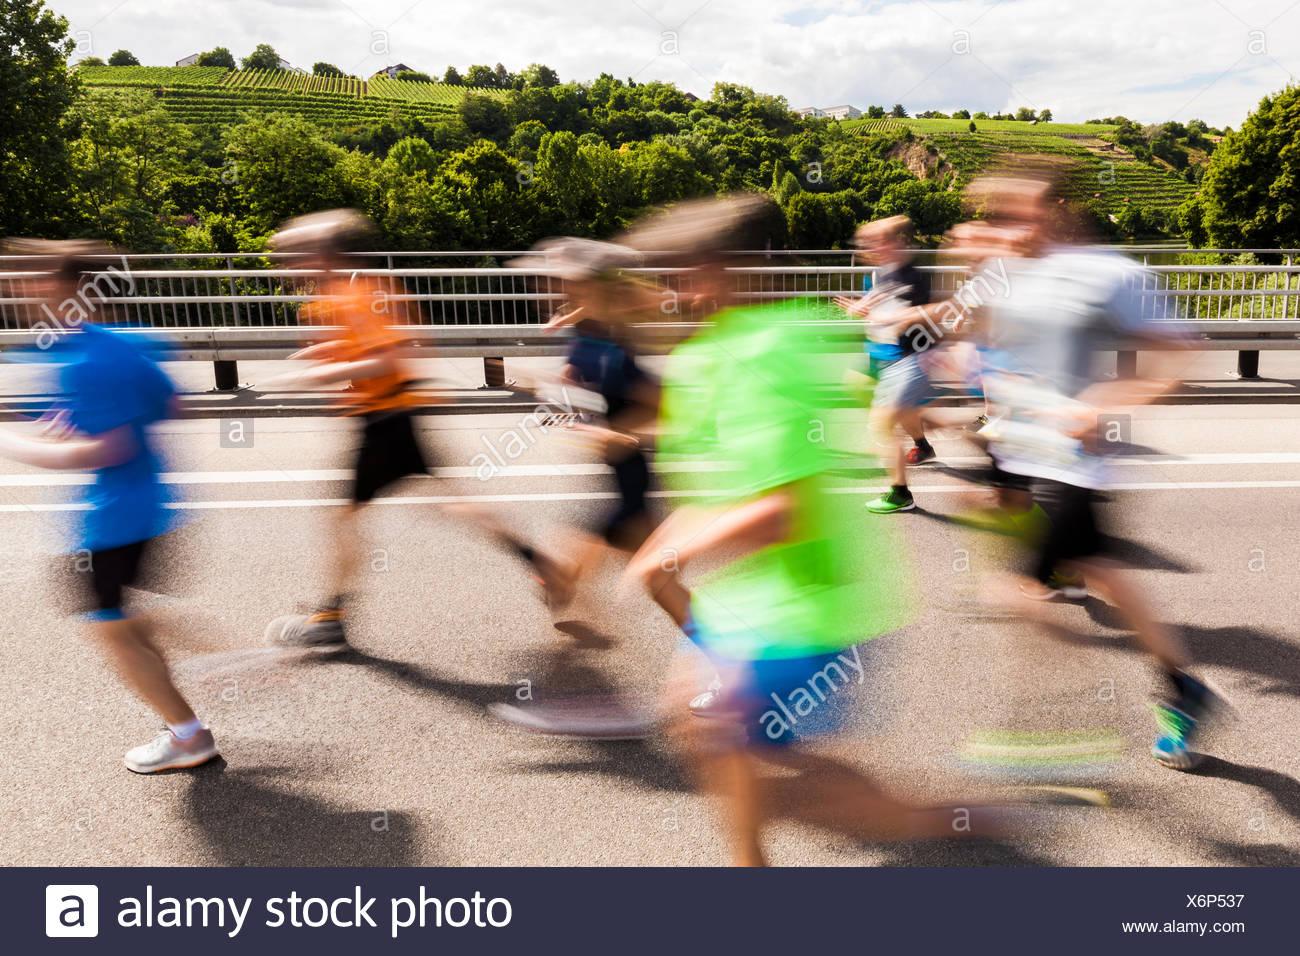 Deutschland, Baden-Württemberg, Stuttgart, Weinberge, Stuttgart-Lauf, Halbmarathon, Veranstaltung für Jedermann, Stadtlauf, Läufer, Strasse, Langstrec - Stock Image